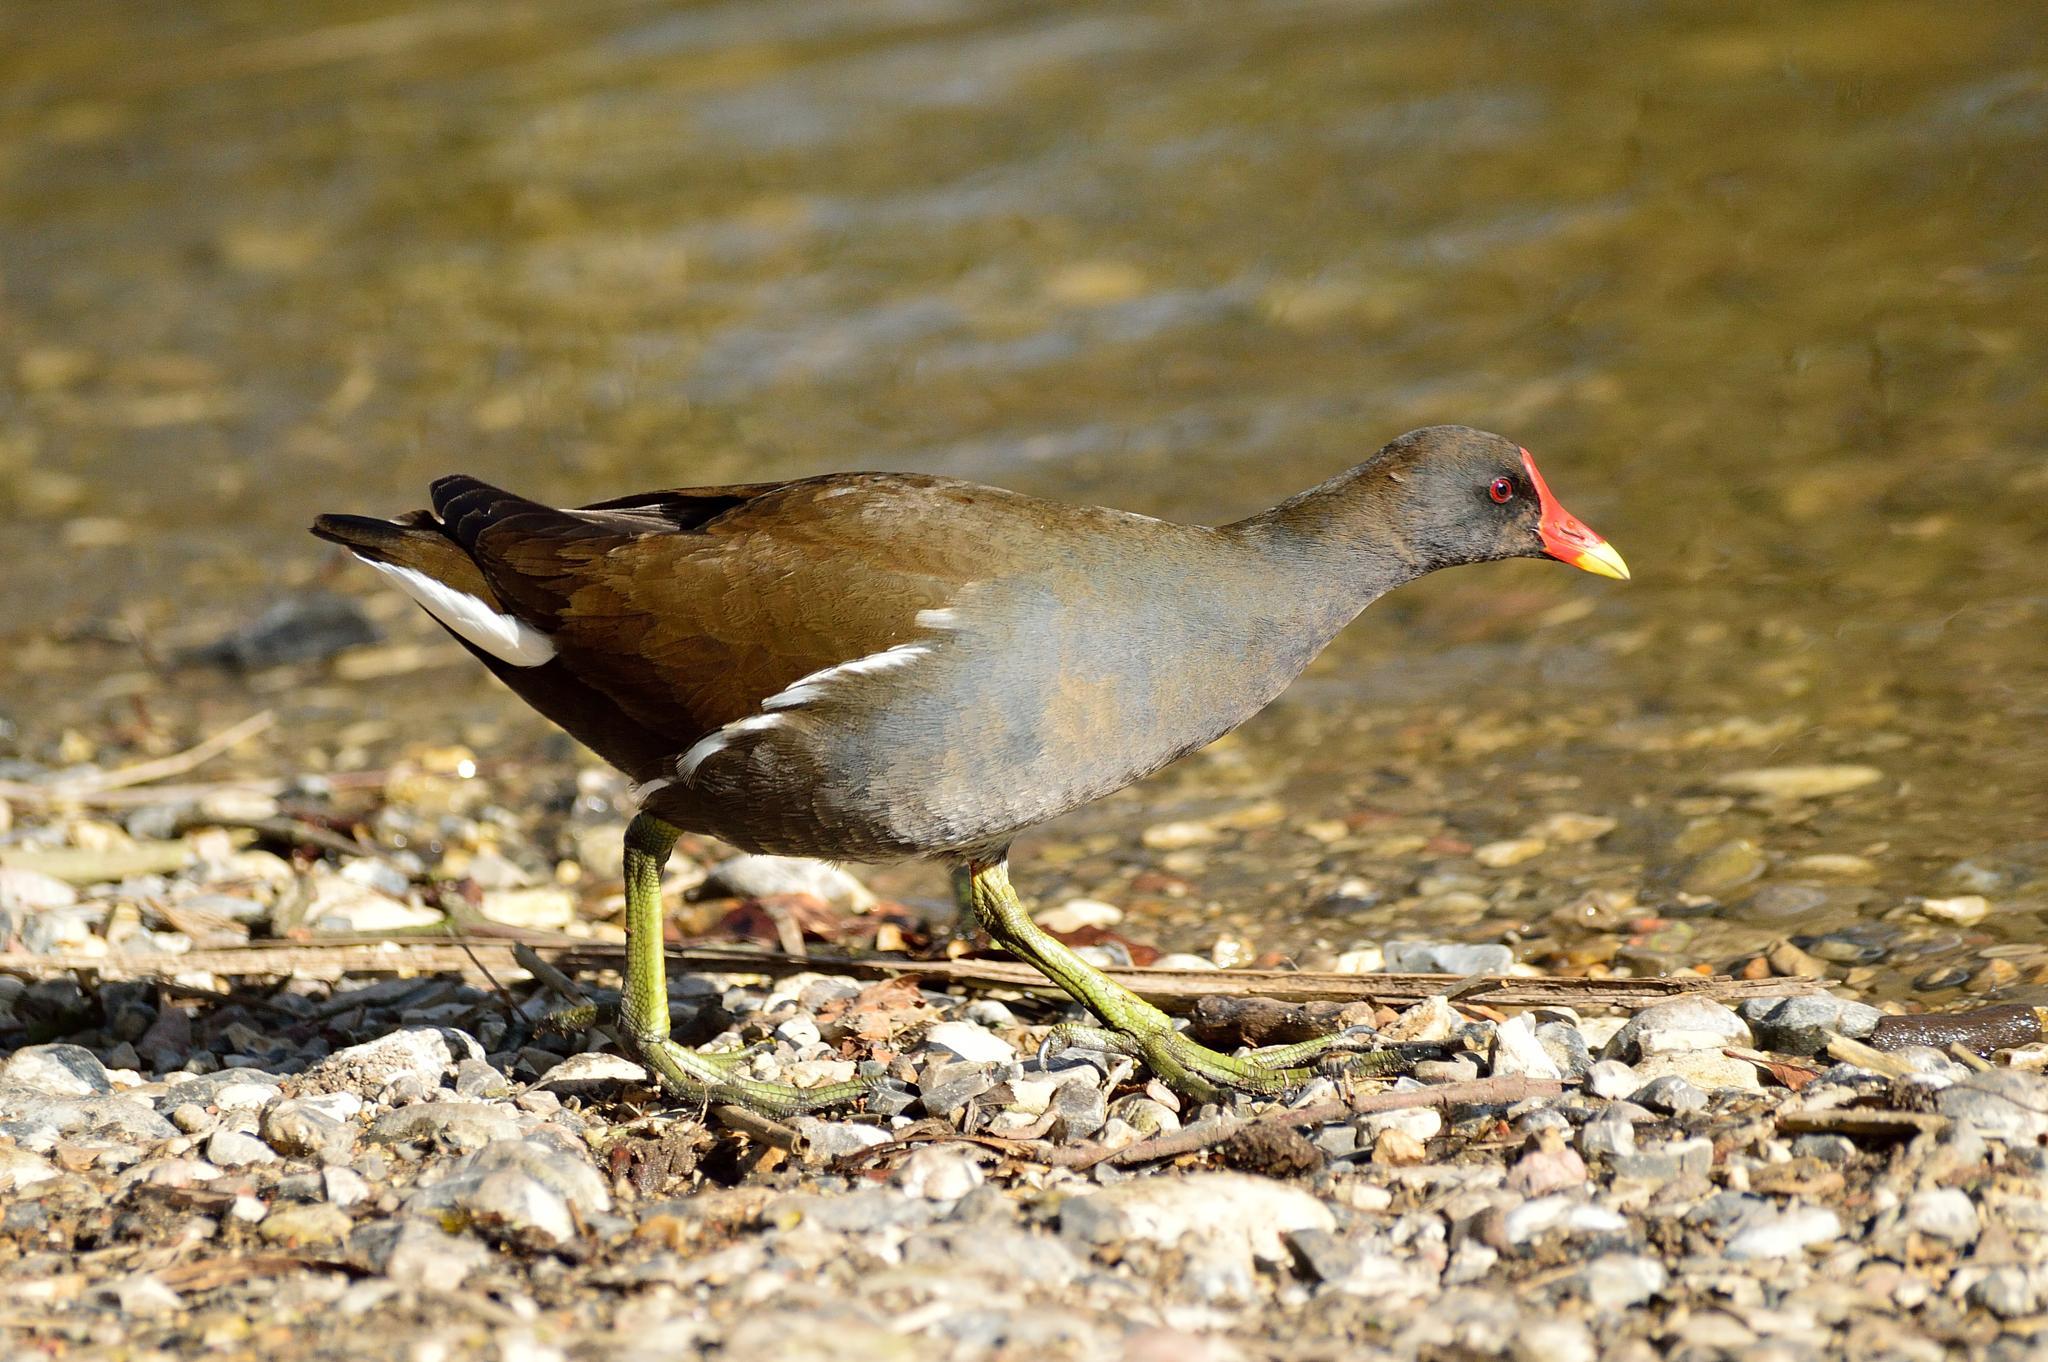 Bird at a lake by Tobrano